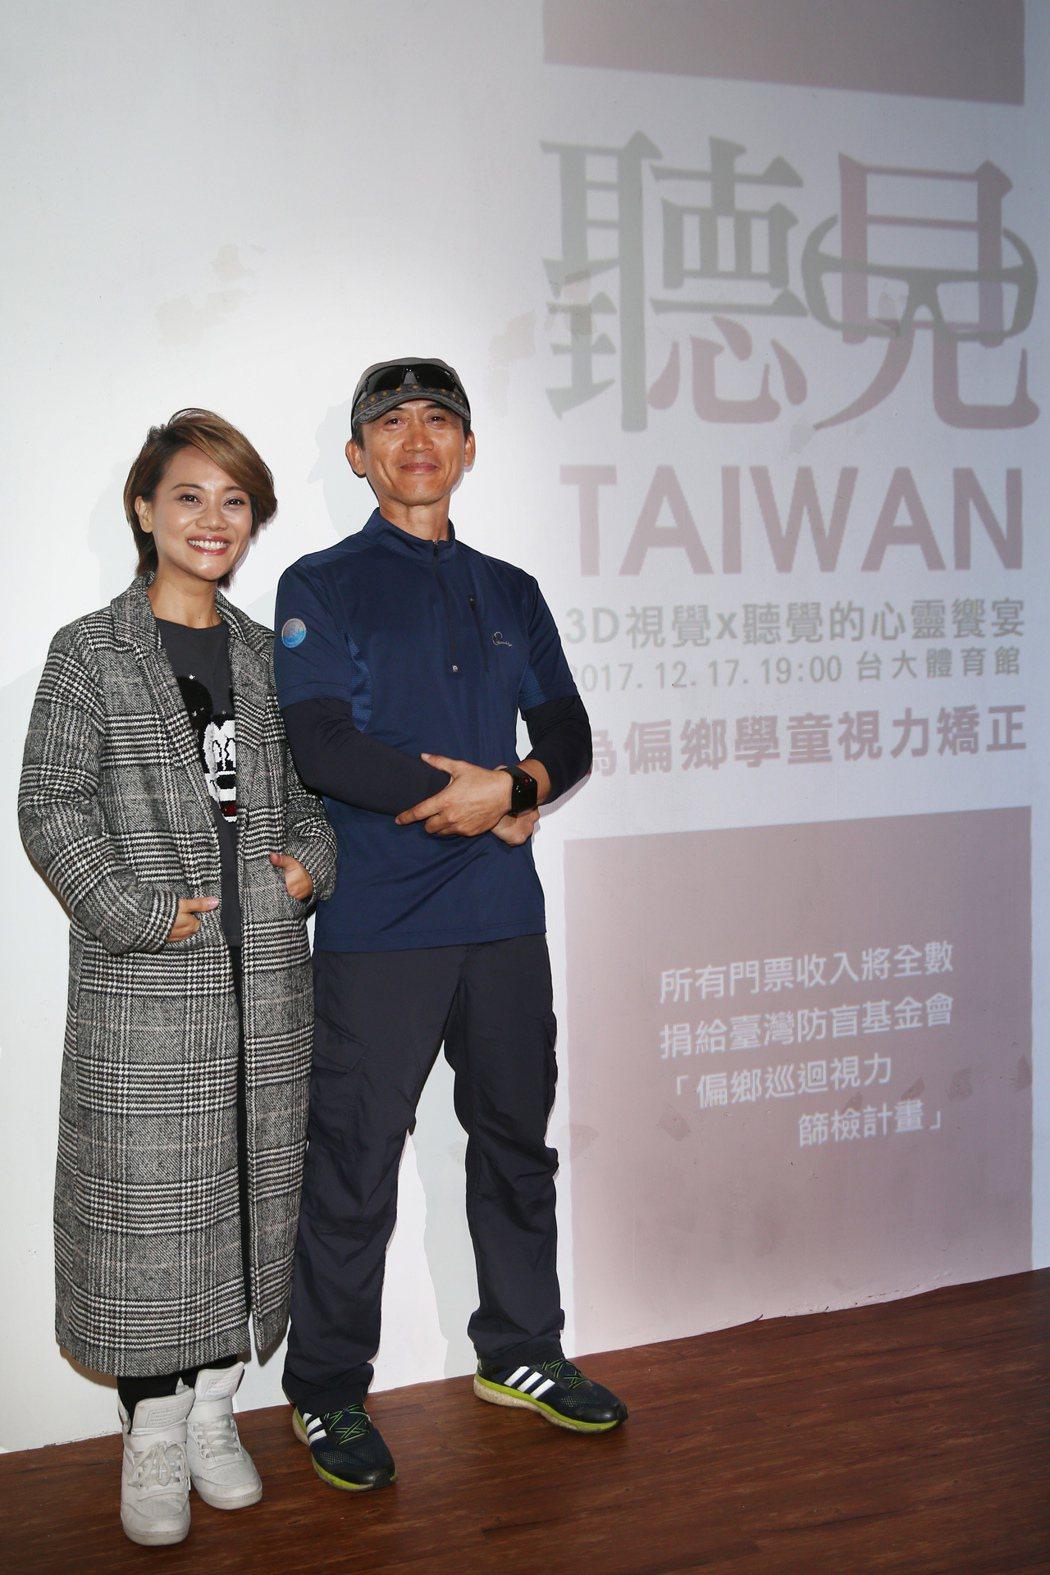 歌手陳建年(左)與阿爆(阿仍仍)(右)一起下午出席3D公益演唱會媒體茶敘,演唱會...